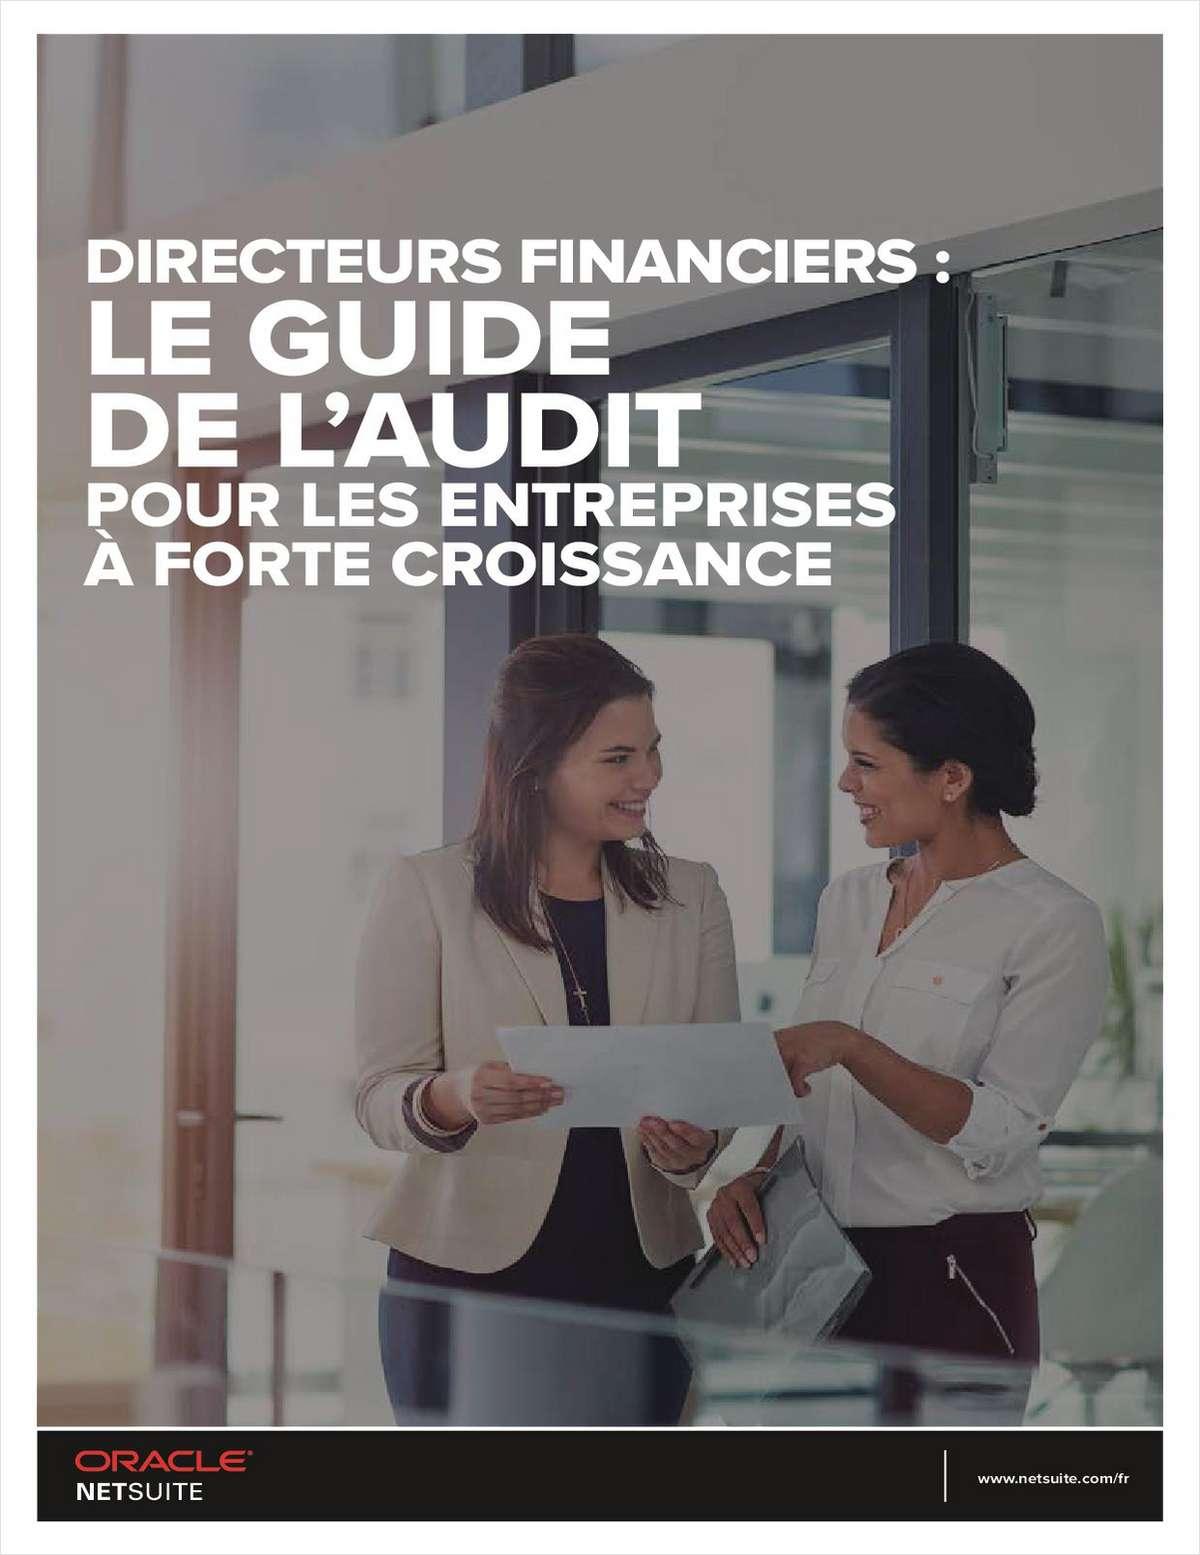 DIRECTEURS FINANCIERS: LE GUIDE DE L'AUDIT POUR LES ENTREPRISES A FORTE CROISSANCE